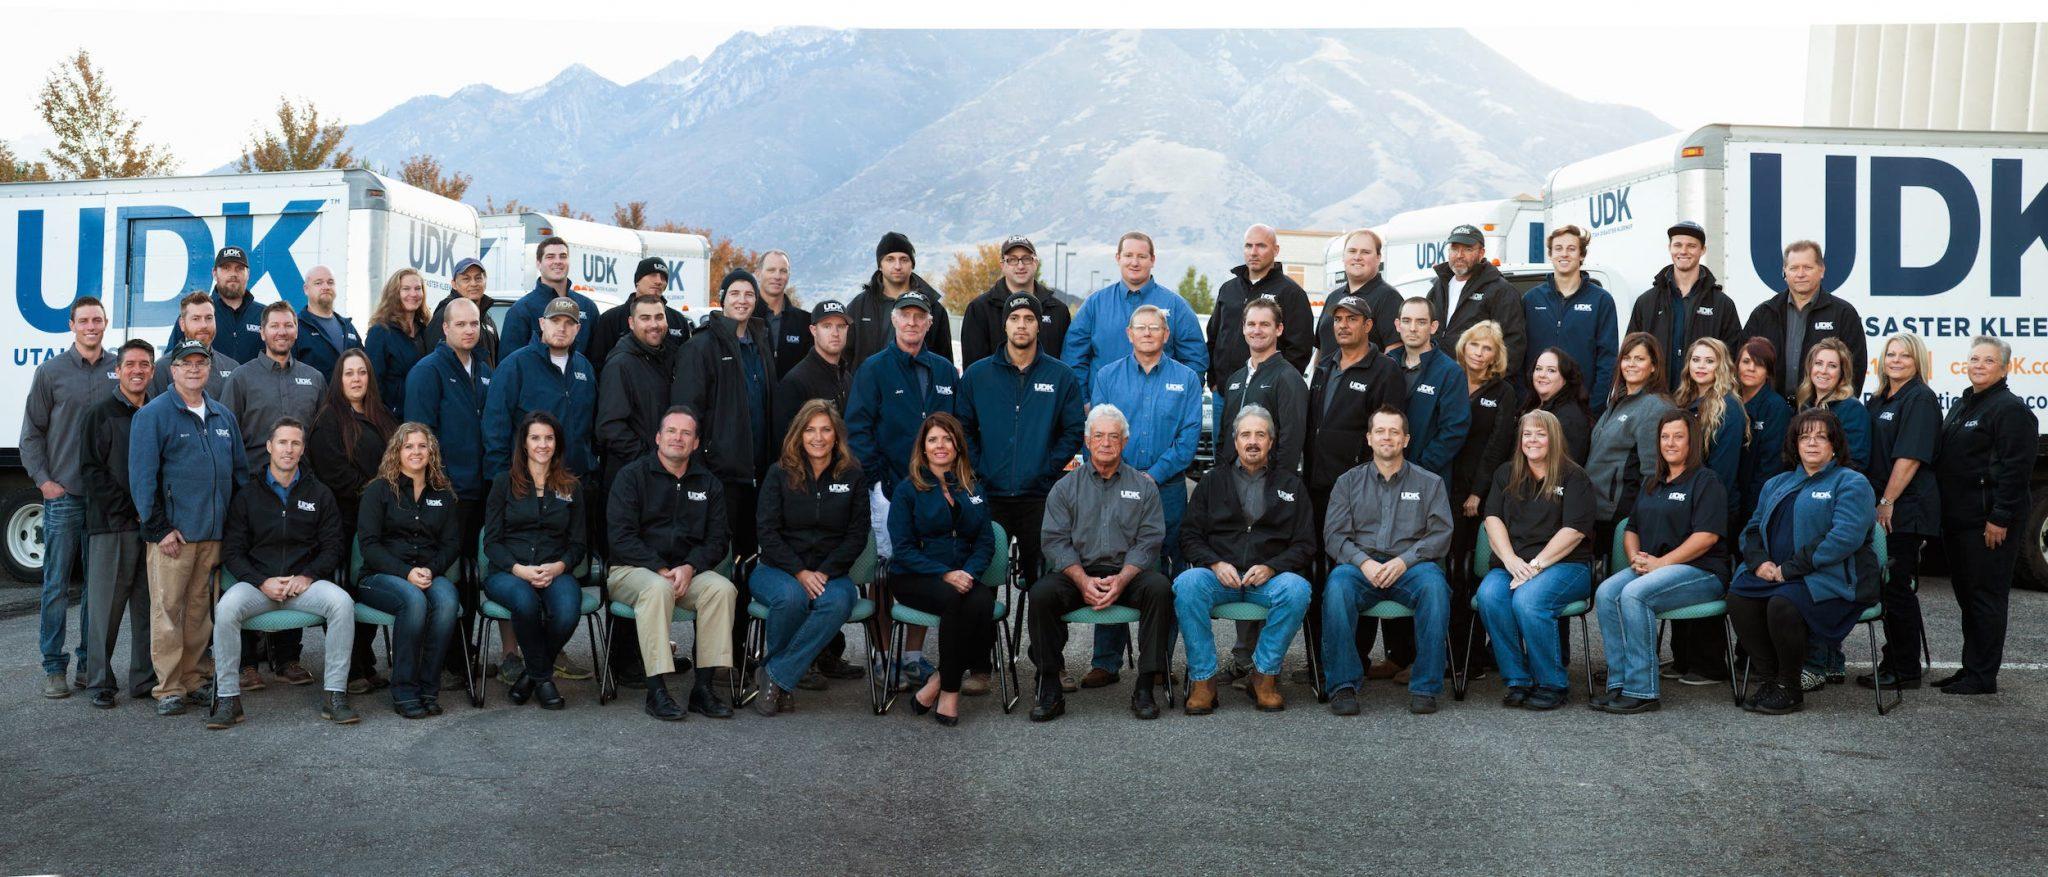 UDK Team | Utah Disaster Kleenup